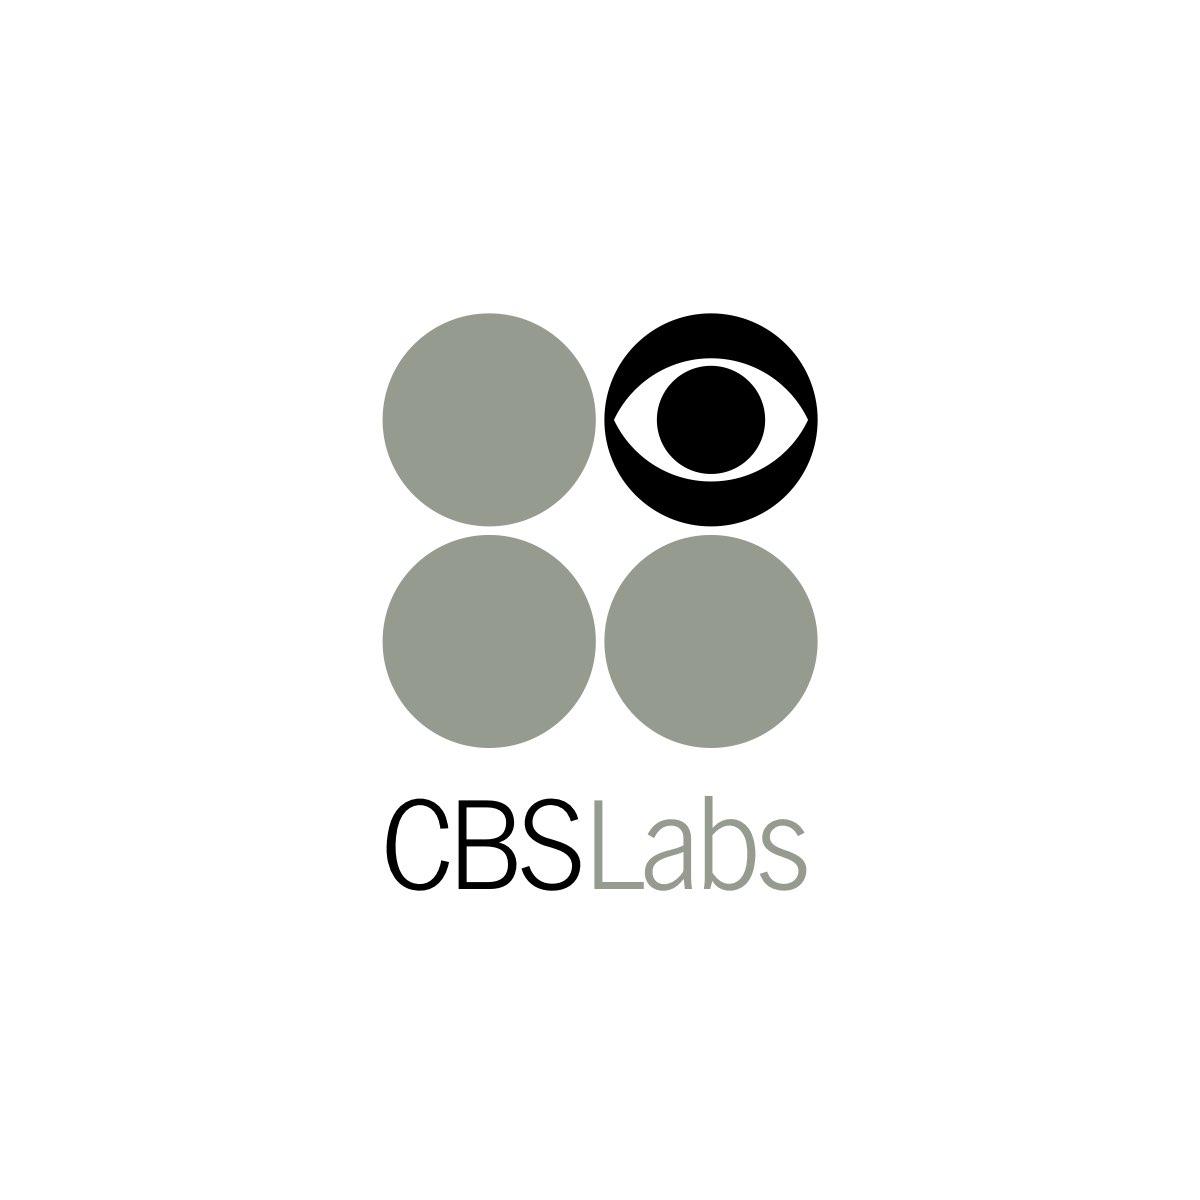 logos.007.jpeg